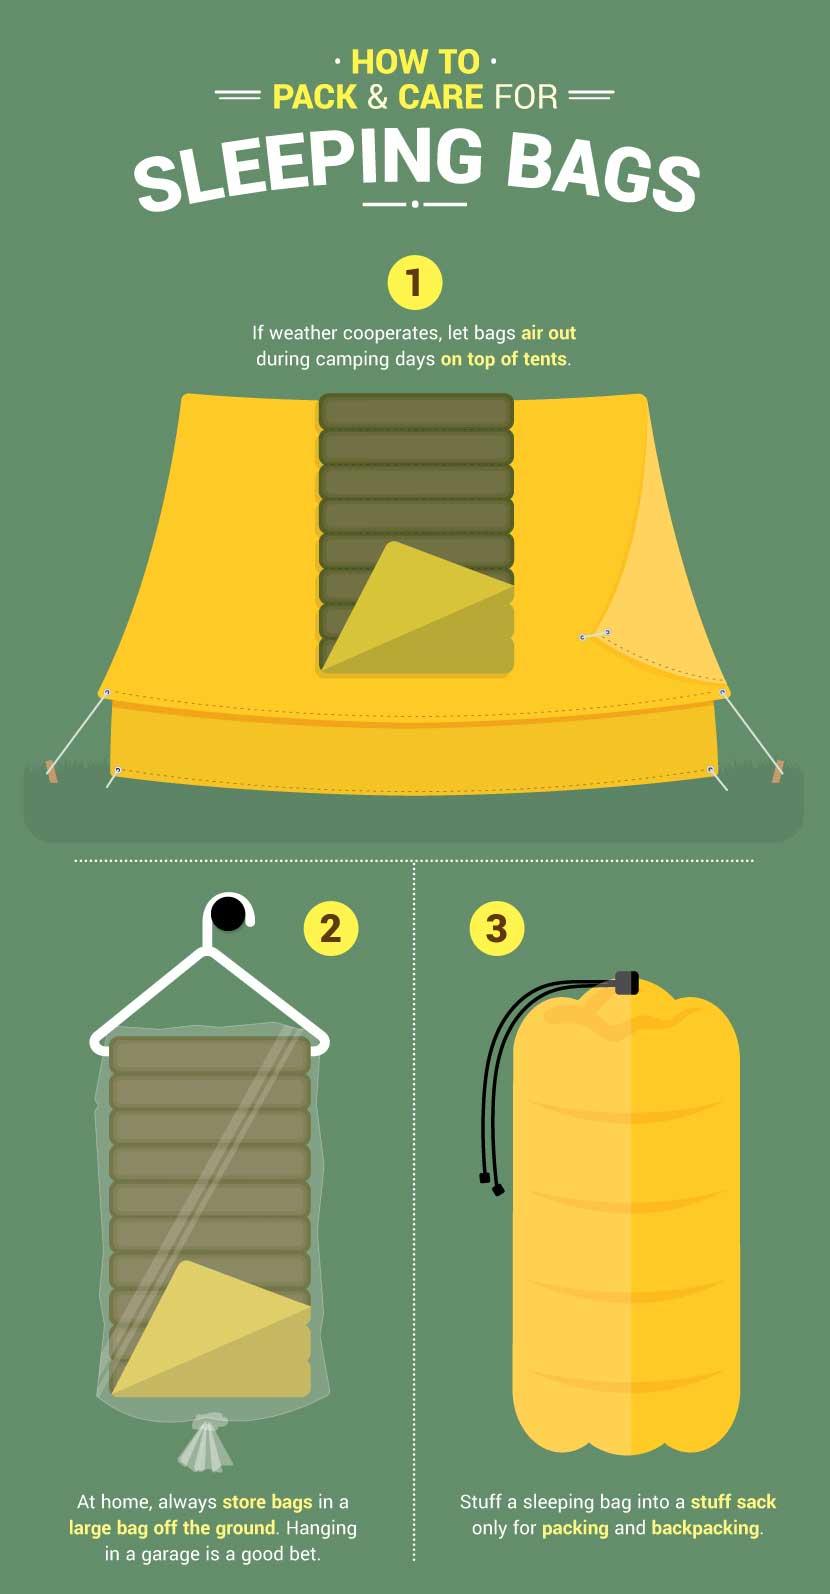 pack-care-sleeping-bags